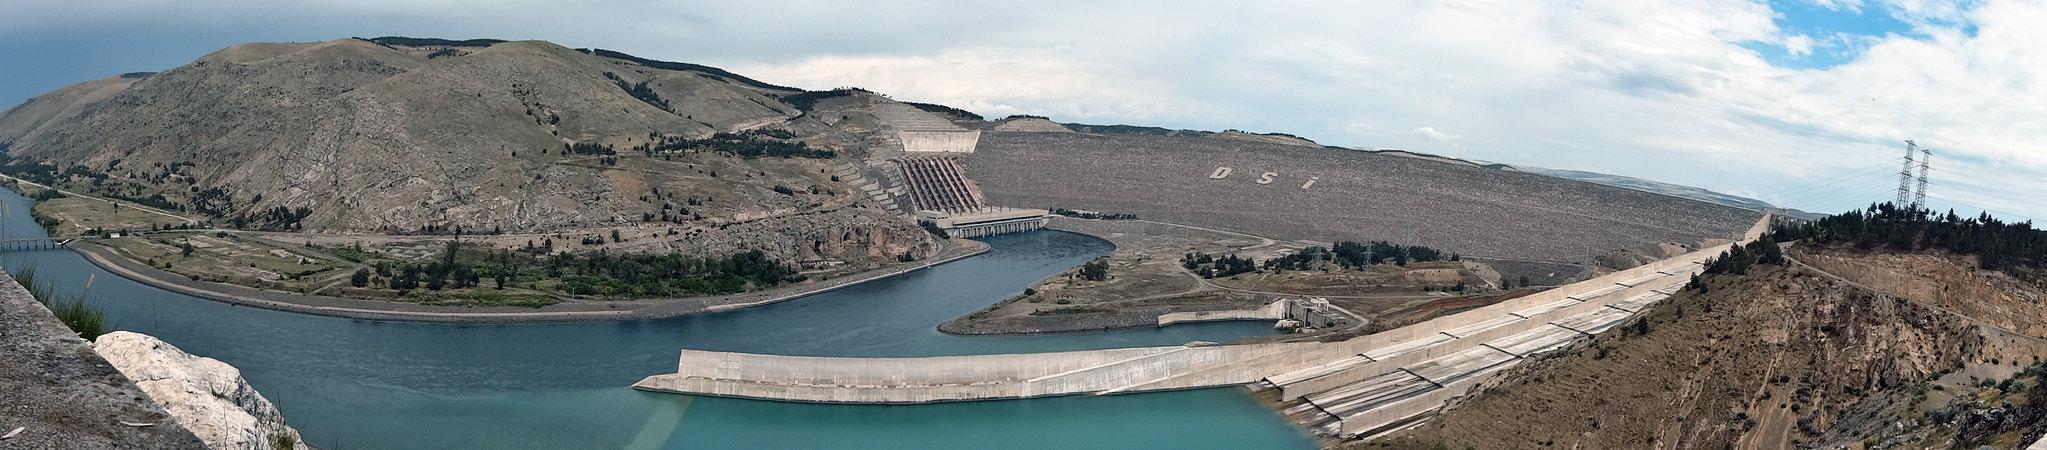 Atatürk Barajı ve Hidroelektrik Santrali, Fırat Nehri